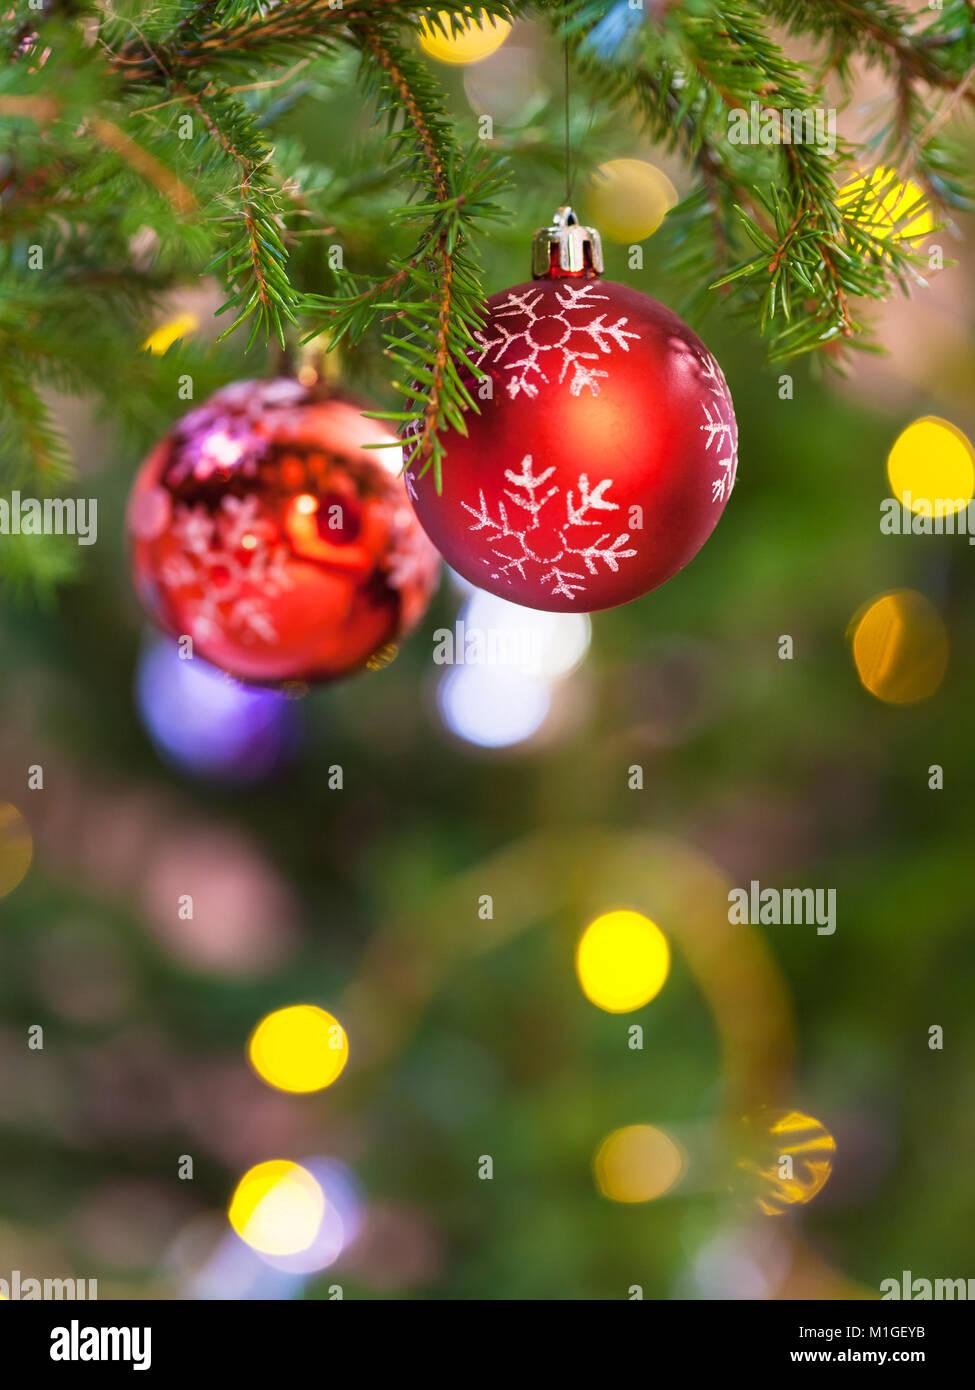 Weihnachtsbaum Natürlich.Weihnachten Hintergrund Zwei Rote Kugeln Auf Natürliche Tanne